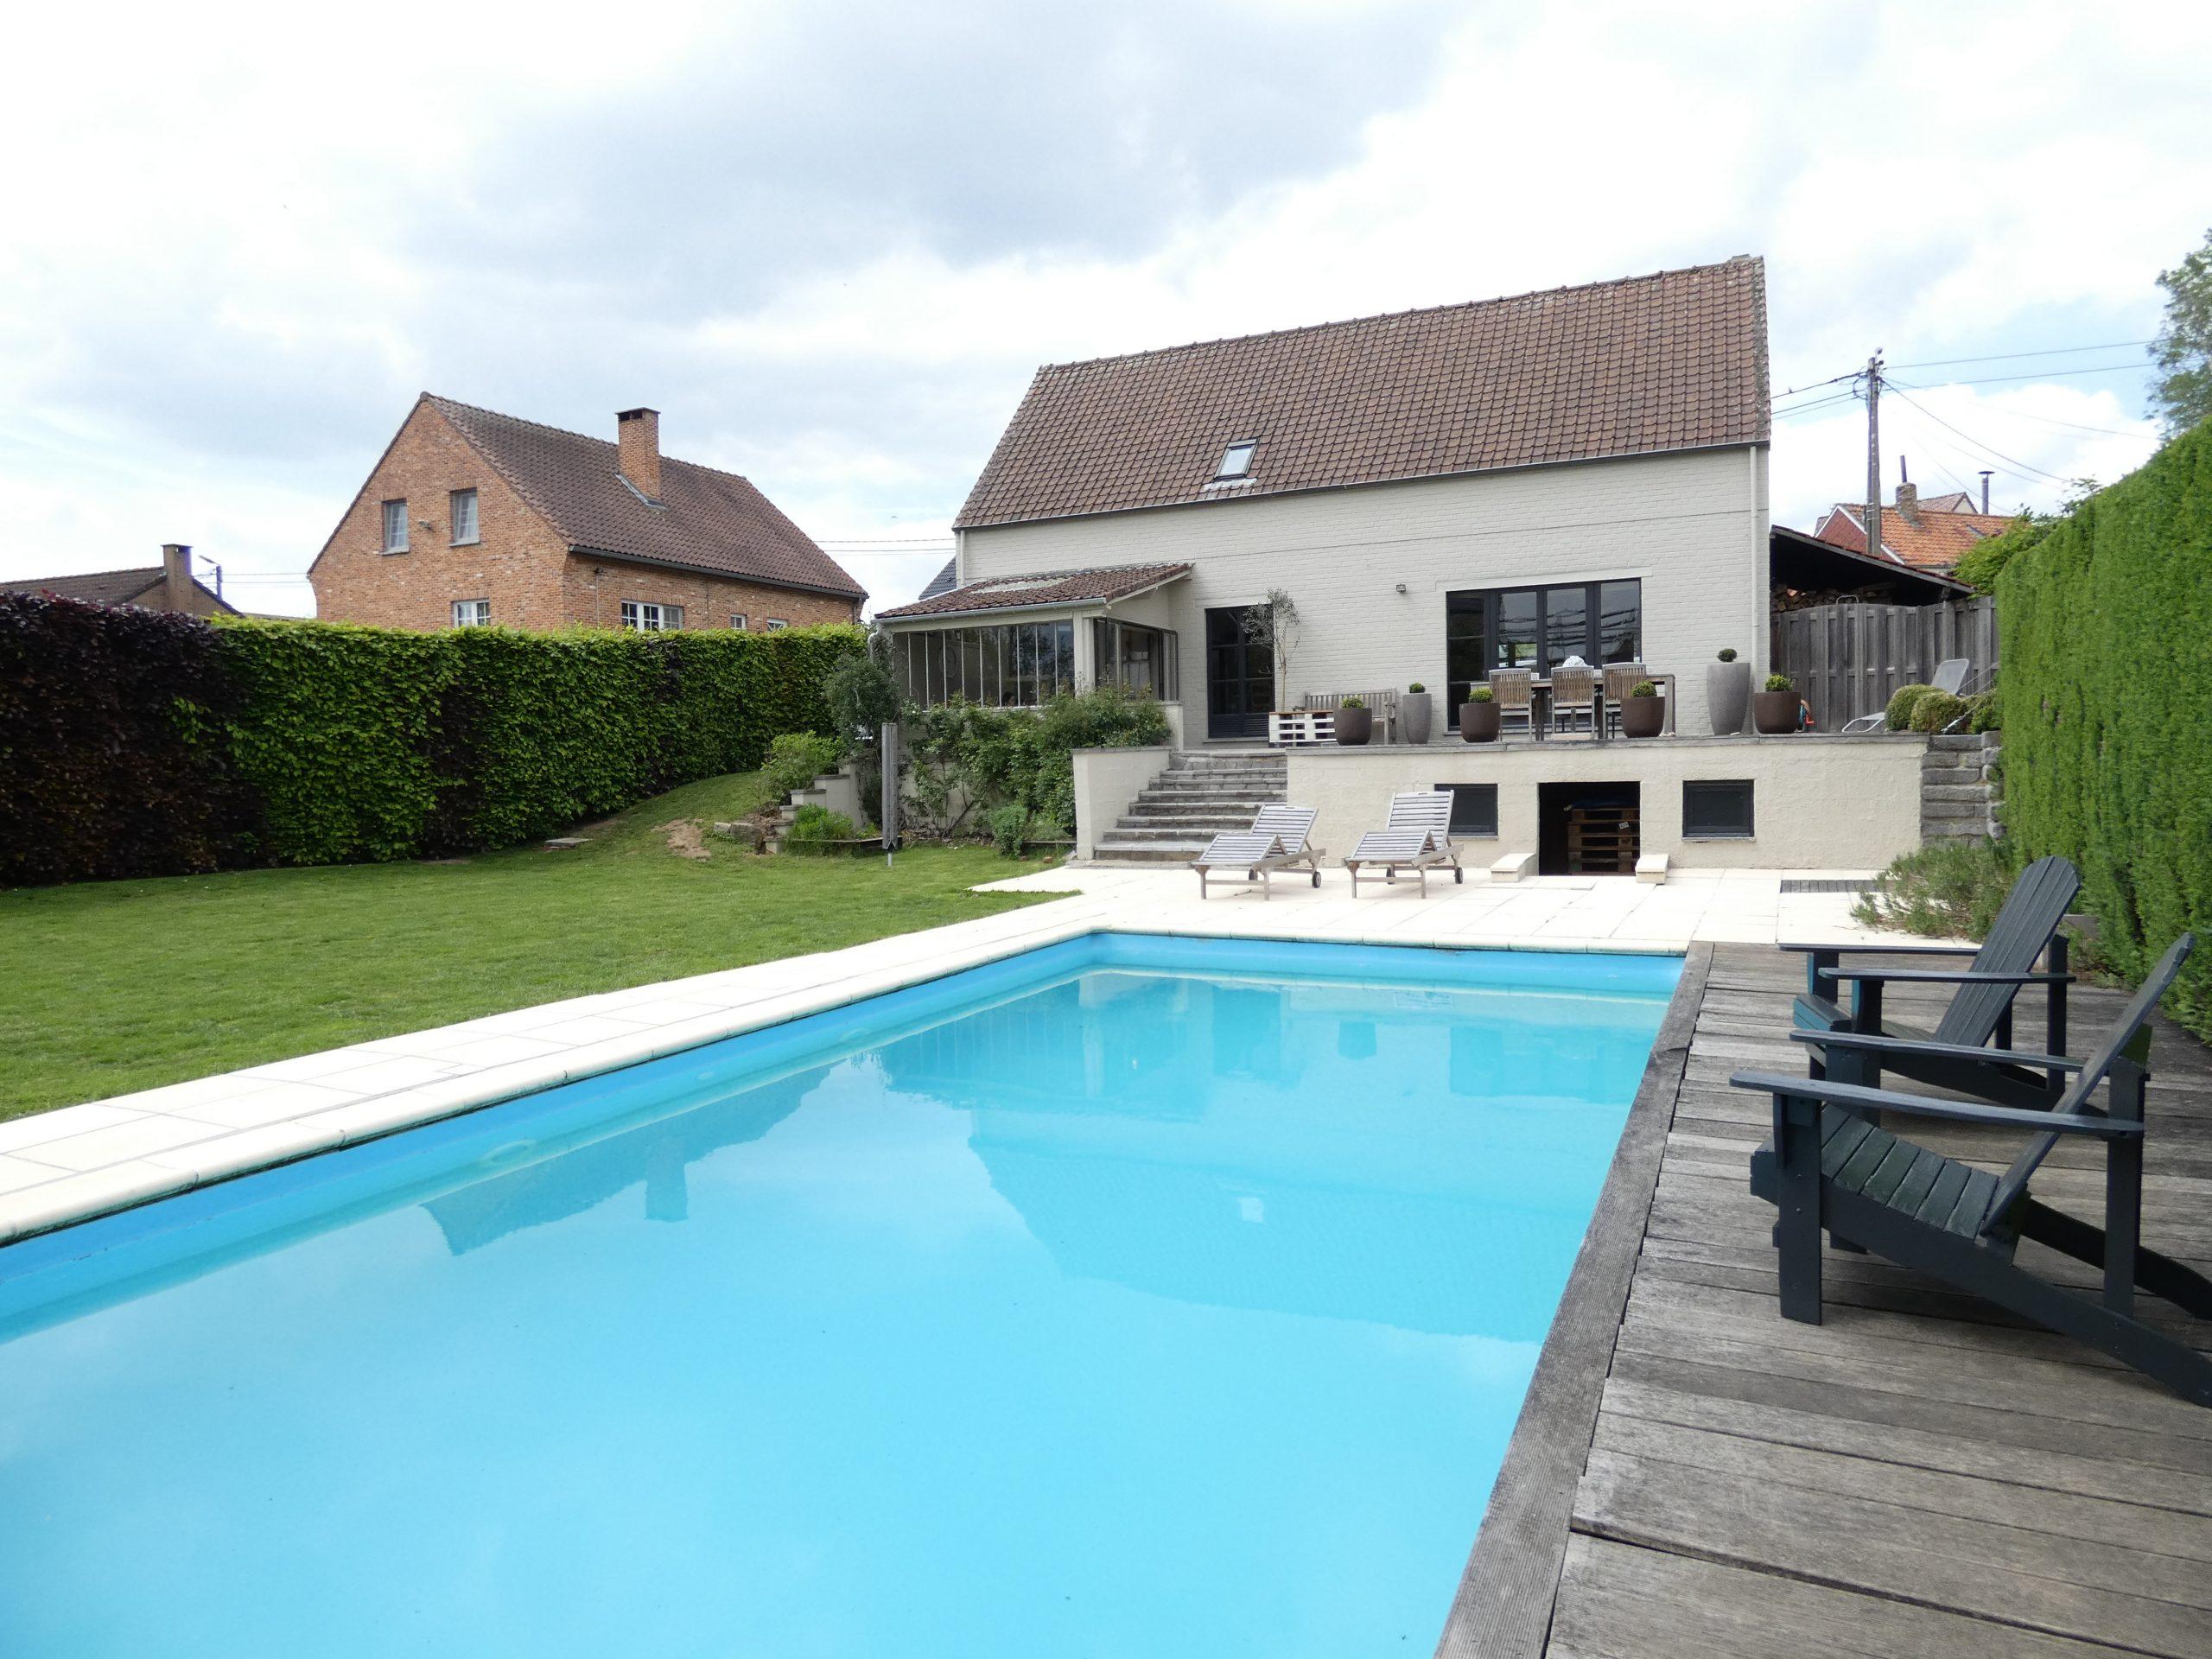 Villa Avec Piscine - Trust Real Estate à Maison A Vendre Avec Piscine